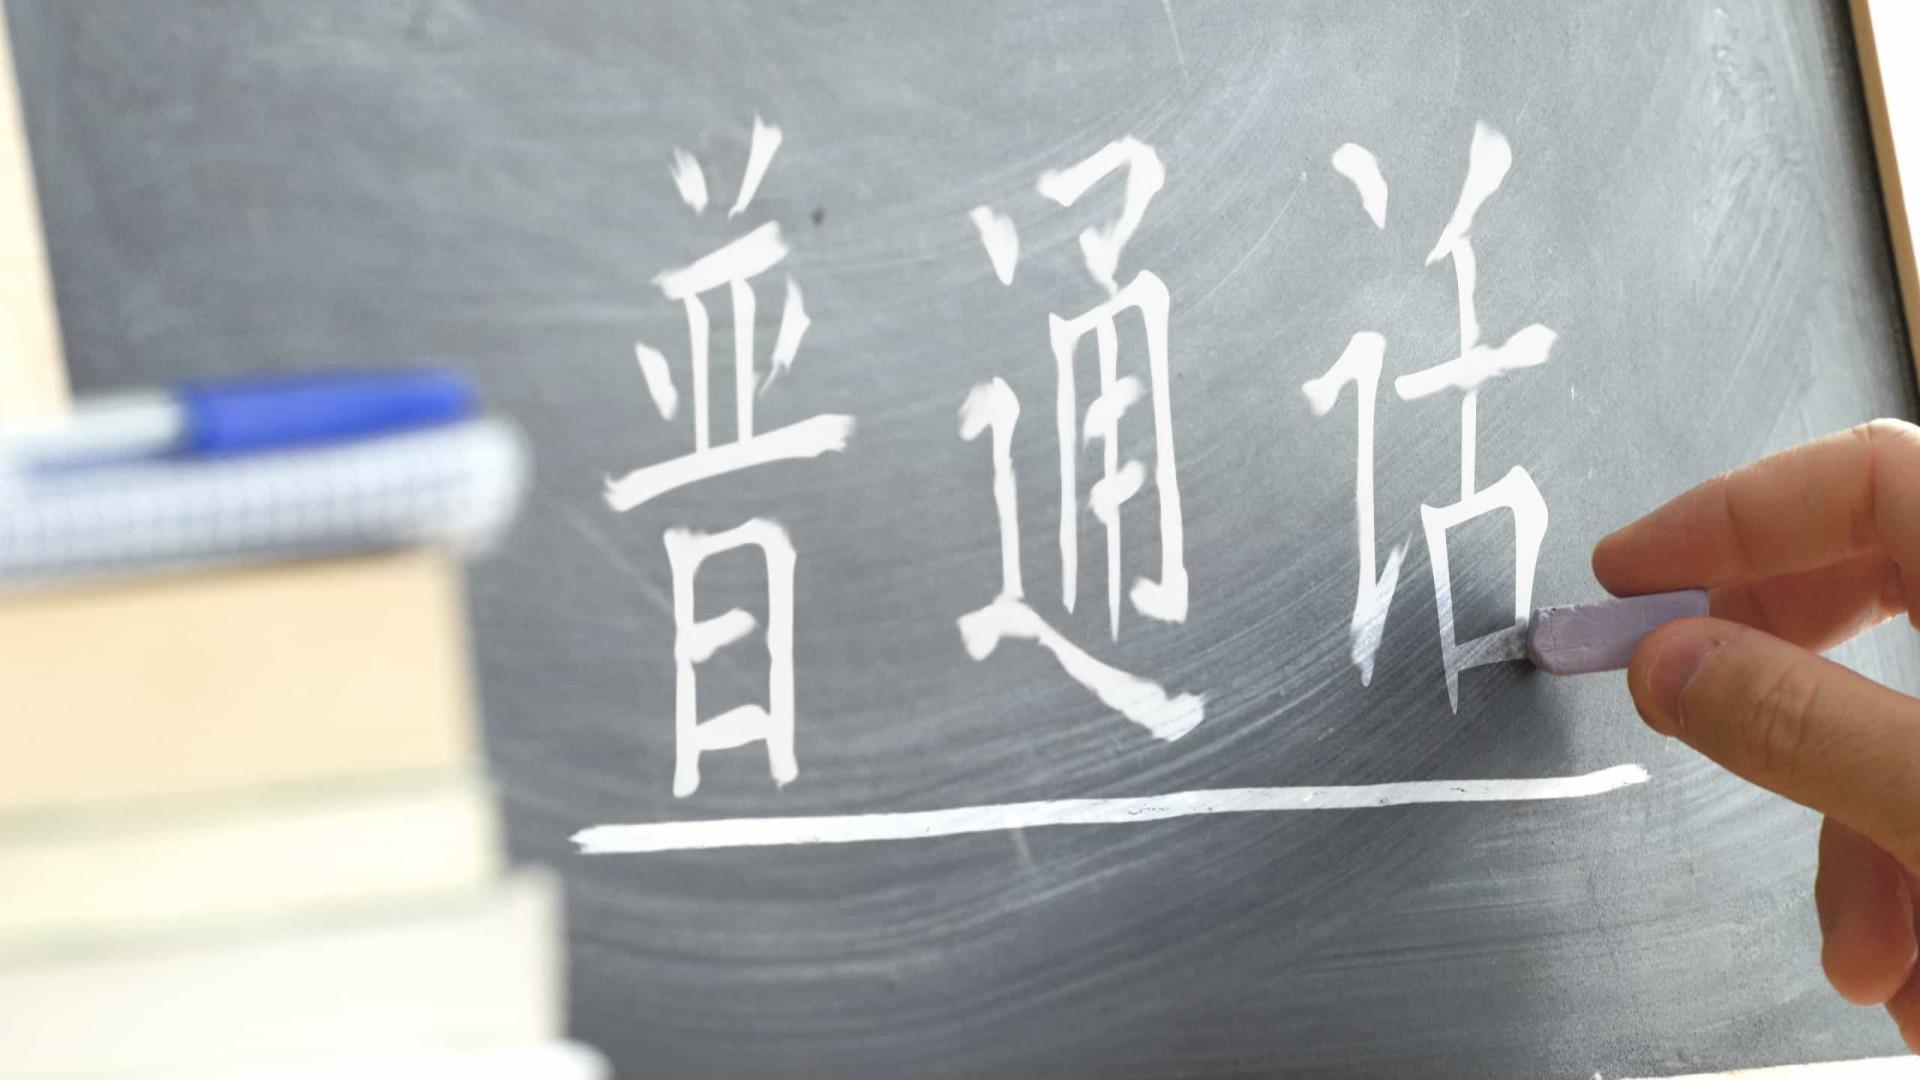 Ensino chinês chega ao Brasil com mandarim, inglês e até 10h de aulas